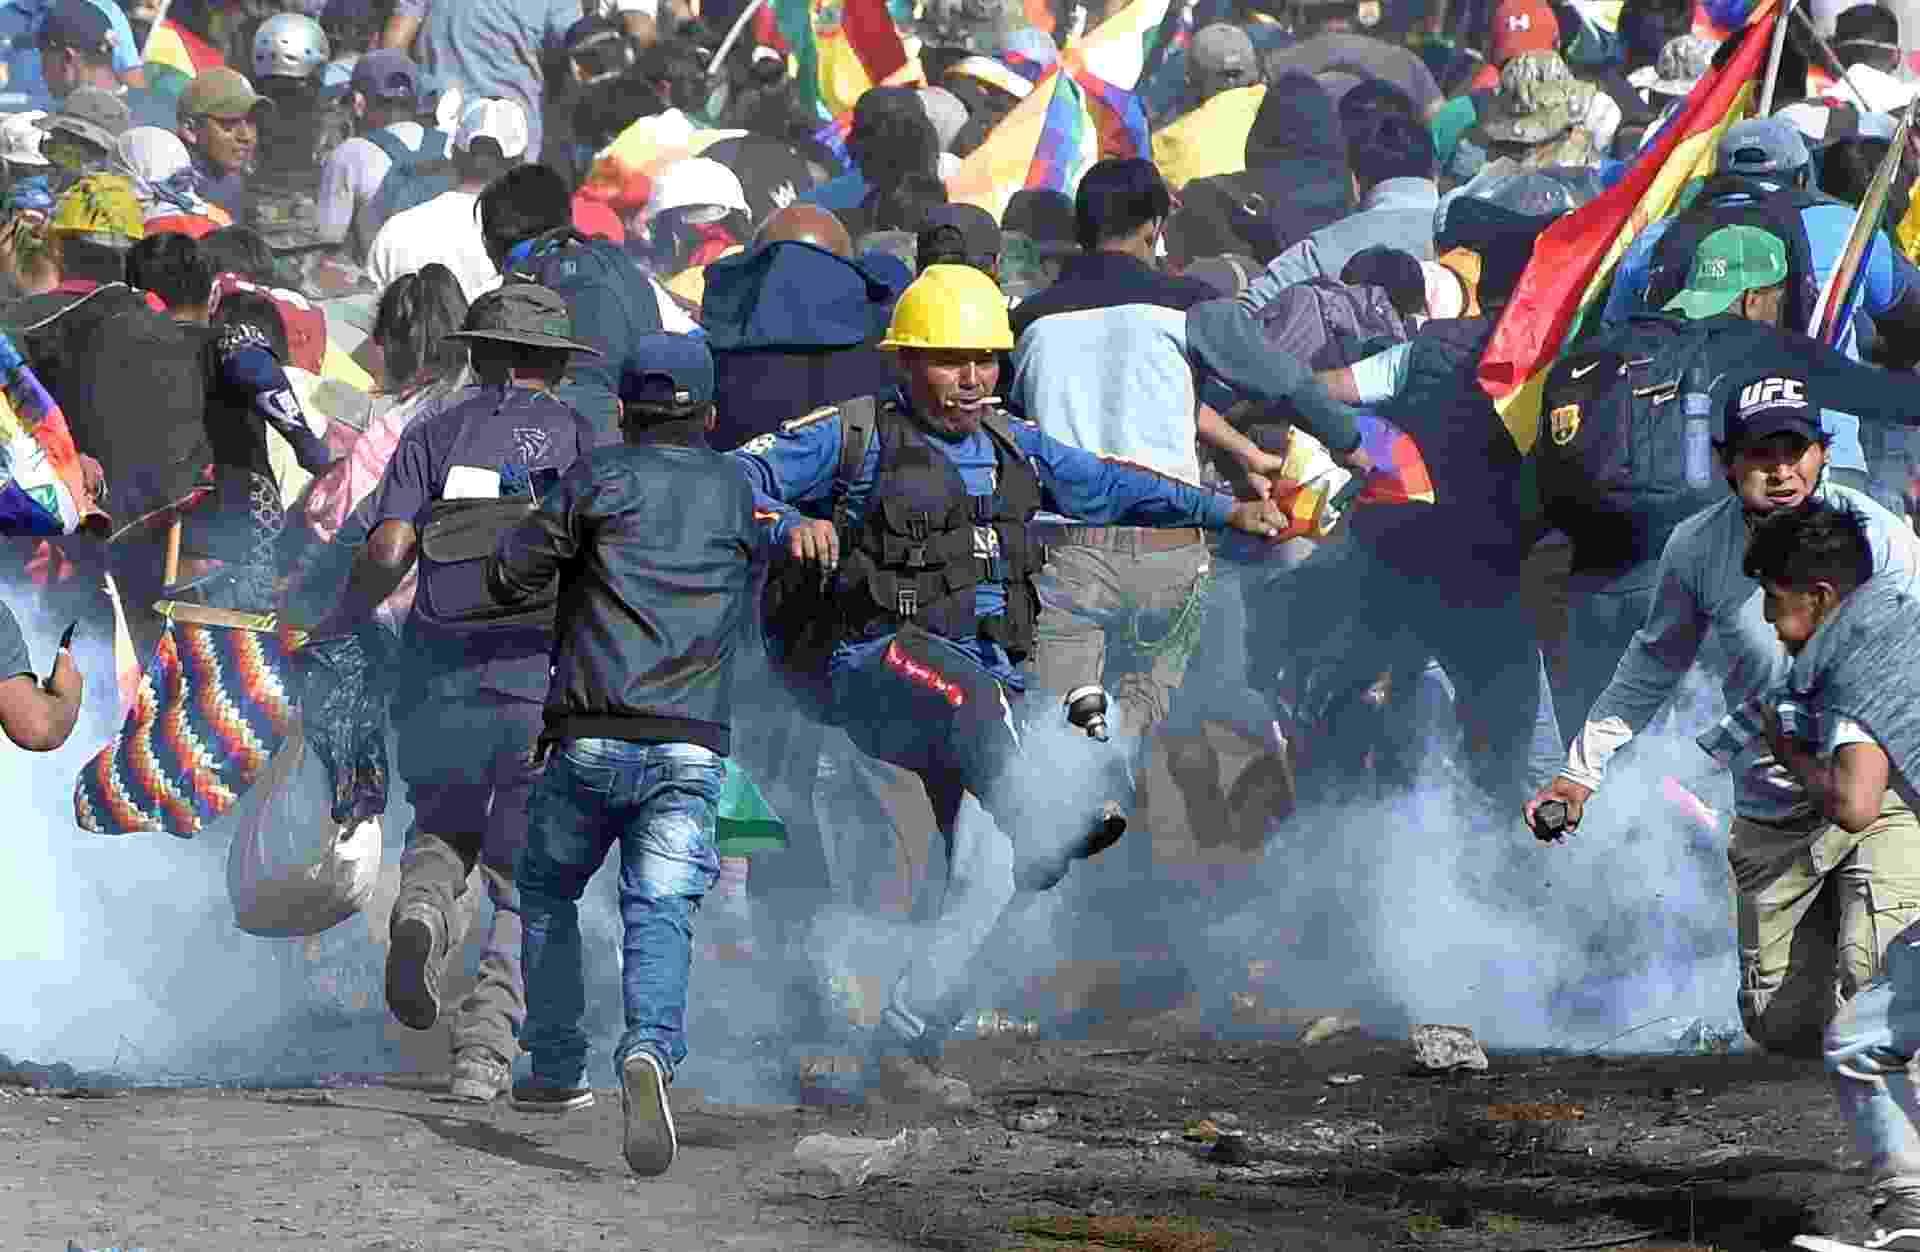 Pelo menos cinco pessoas morreram durante violentos confrontos entre manifestantes pró-Evo Morales e a polícia militar em Sacaba, na província de Chapare, em Cochabamaba, na sexta-feira (15). O protesto era contra a presidente interina do país, Jeanine Añez - Danilo Balderrama /Reuters